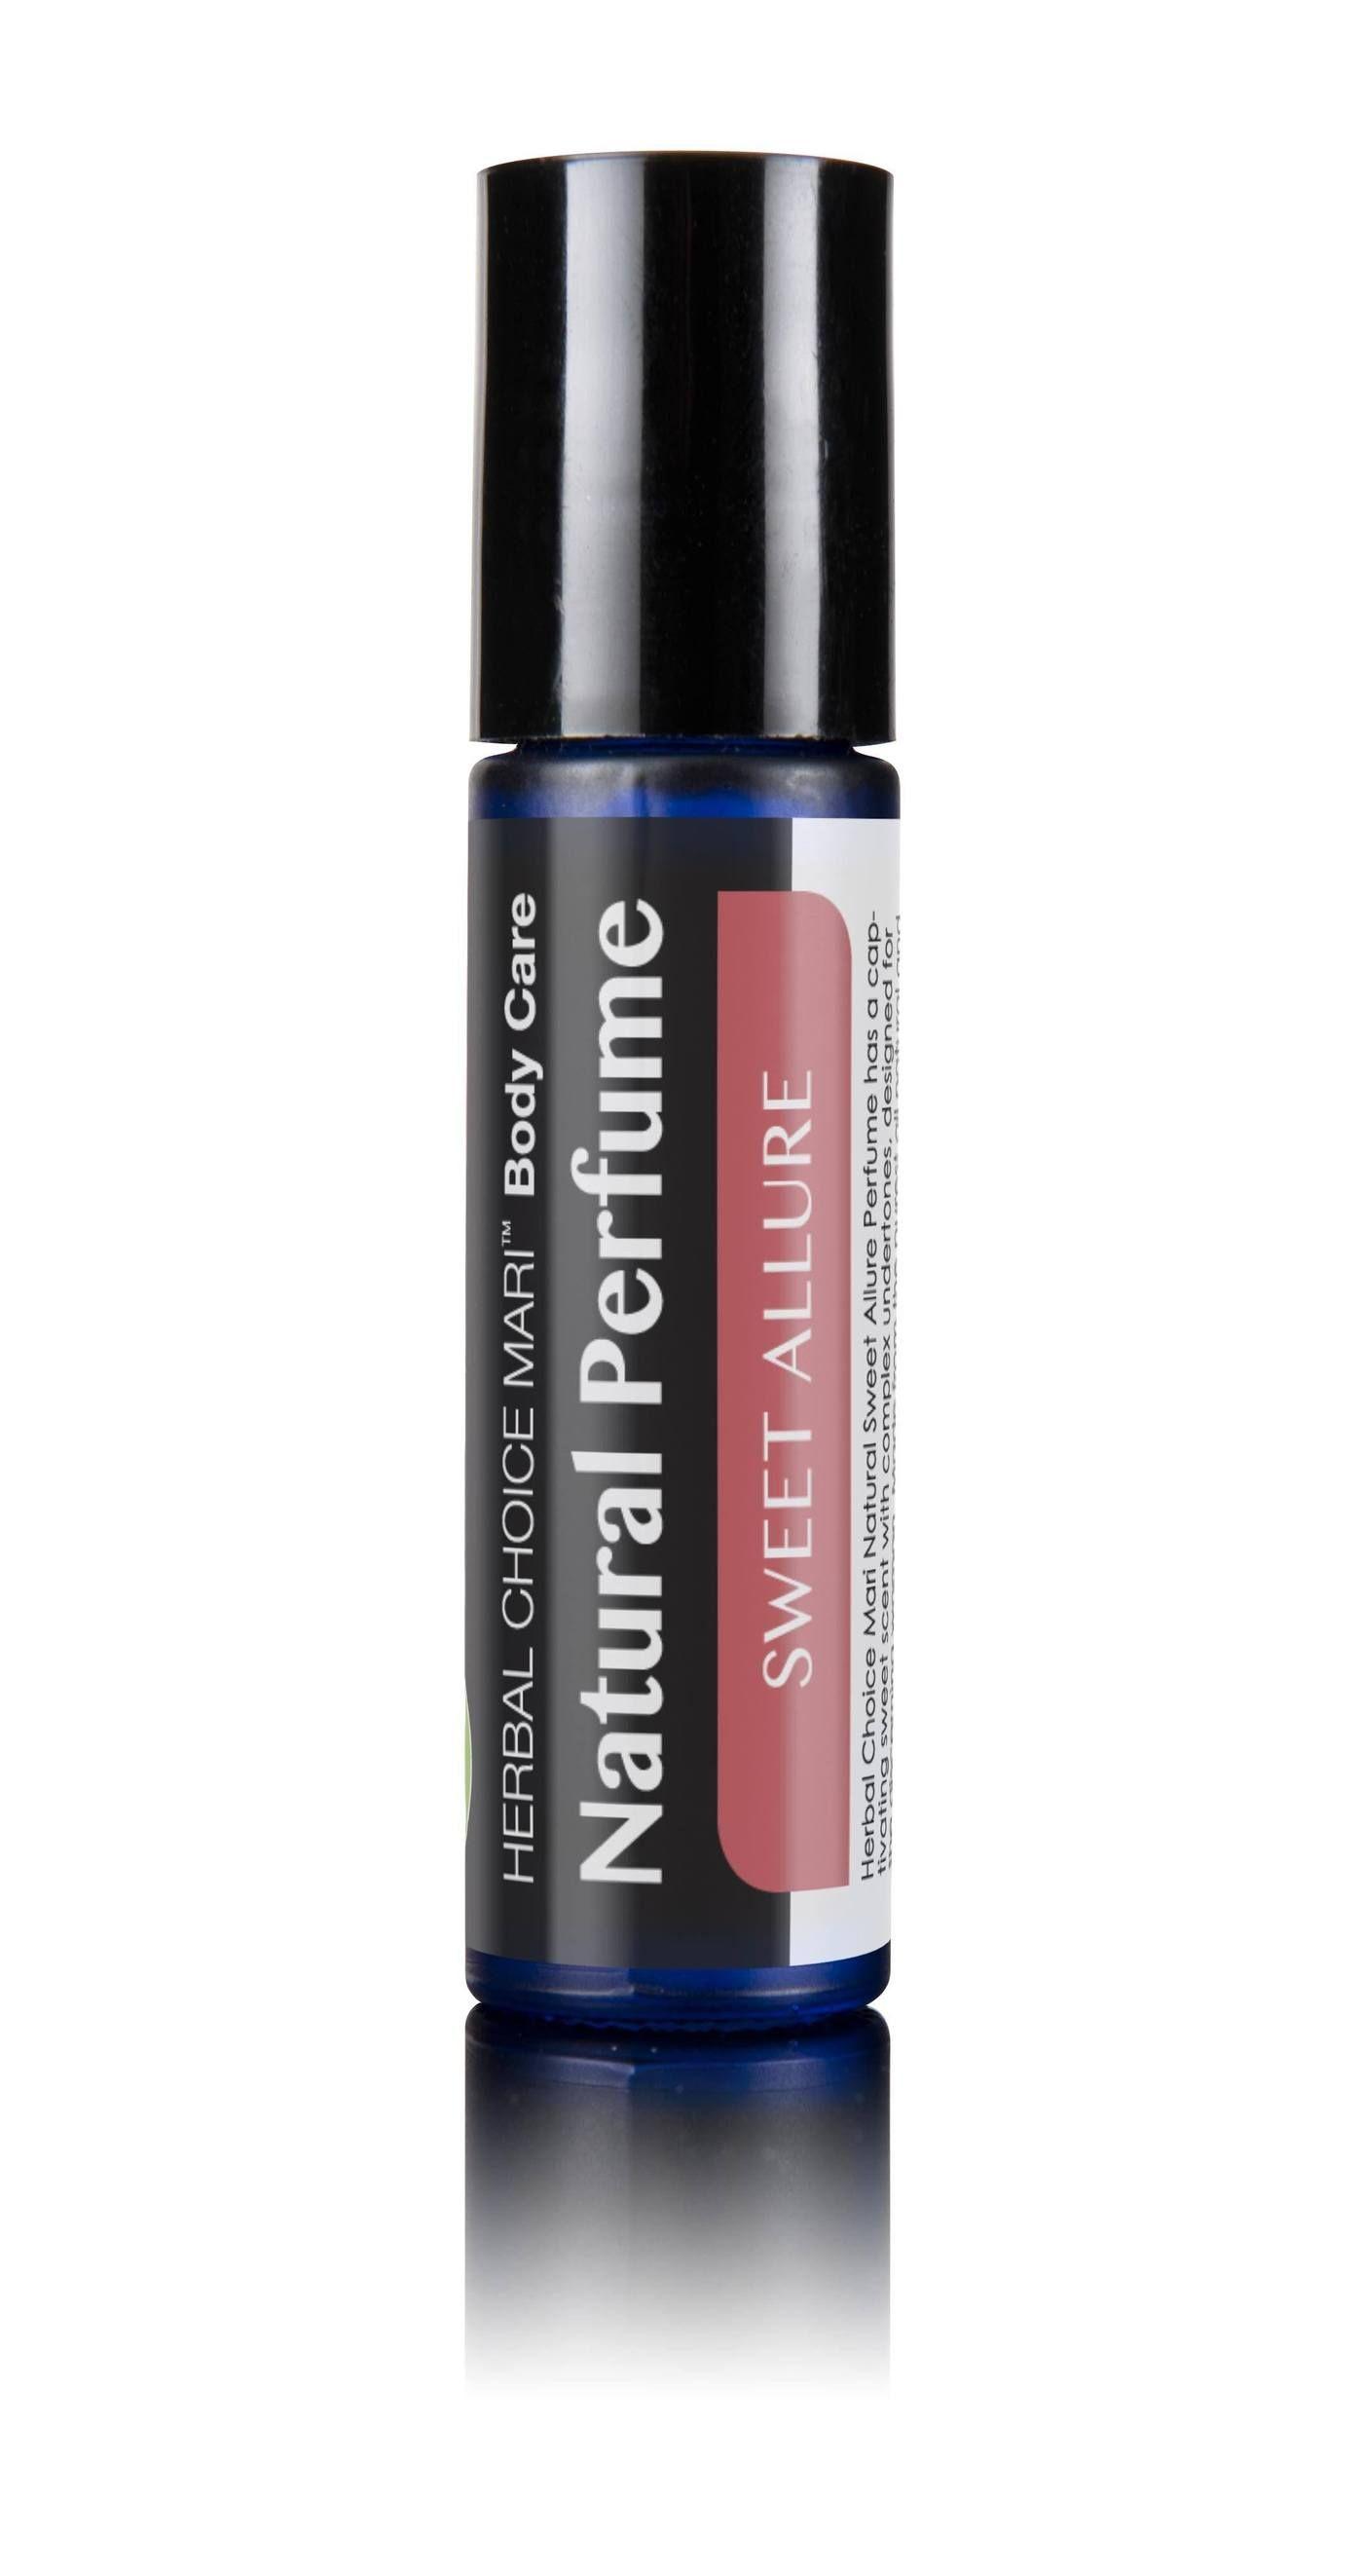 Herbal Choice Mari Natural Perfume, Sweet Allure Natural